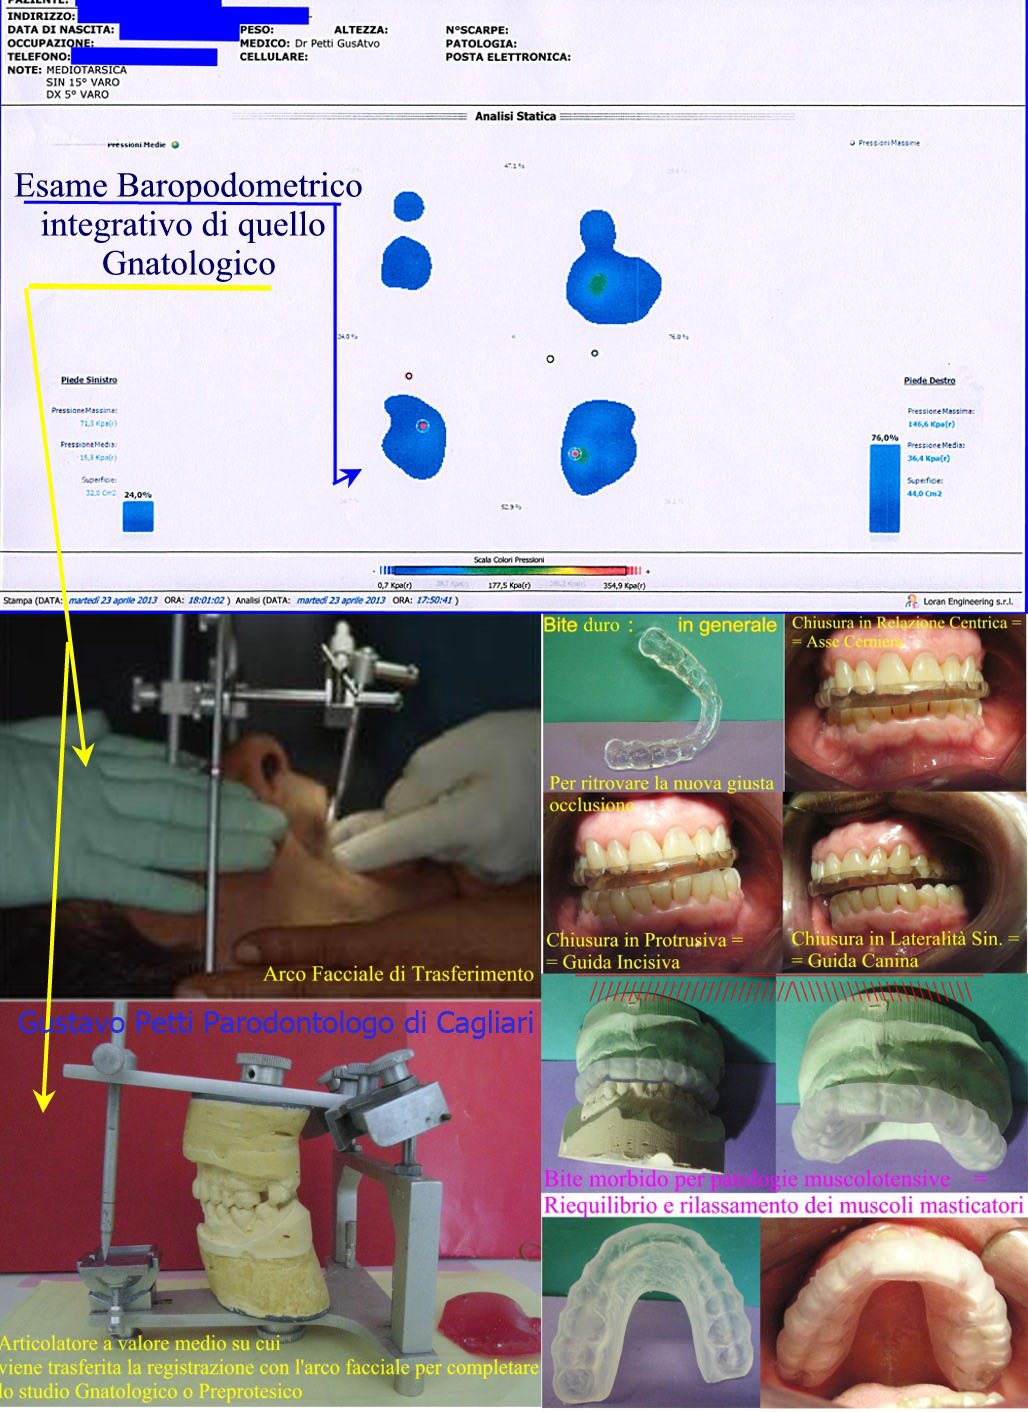 analisi-gnatologica-dr-g.petti-cagliari-171.jpg